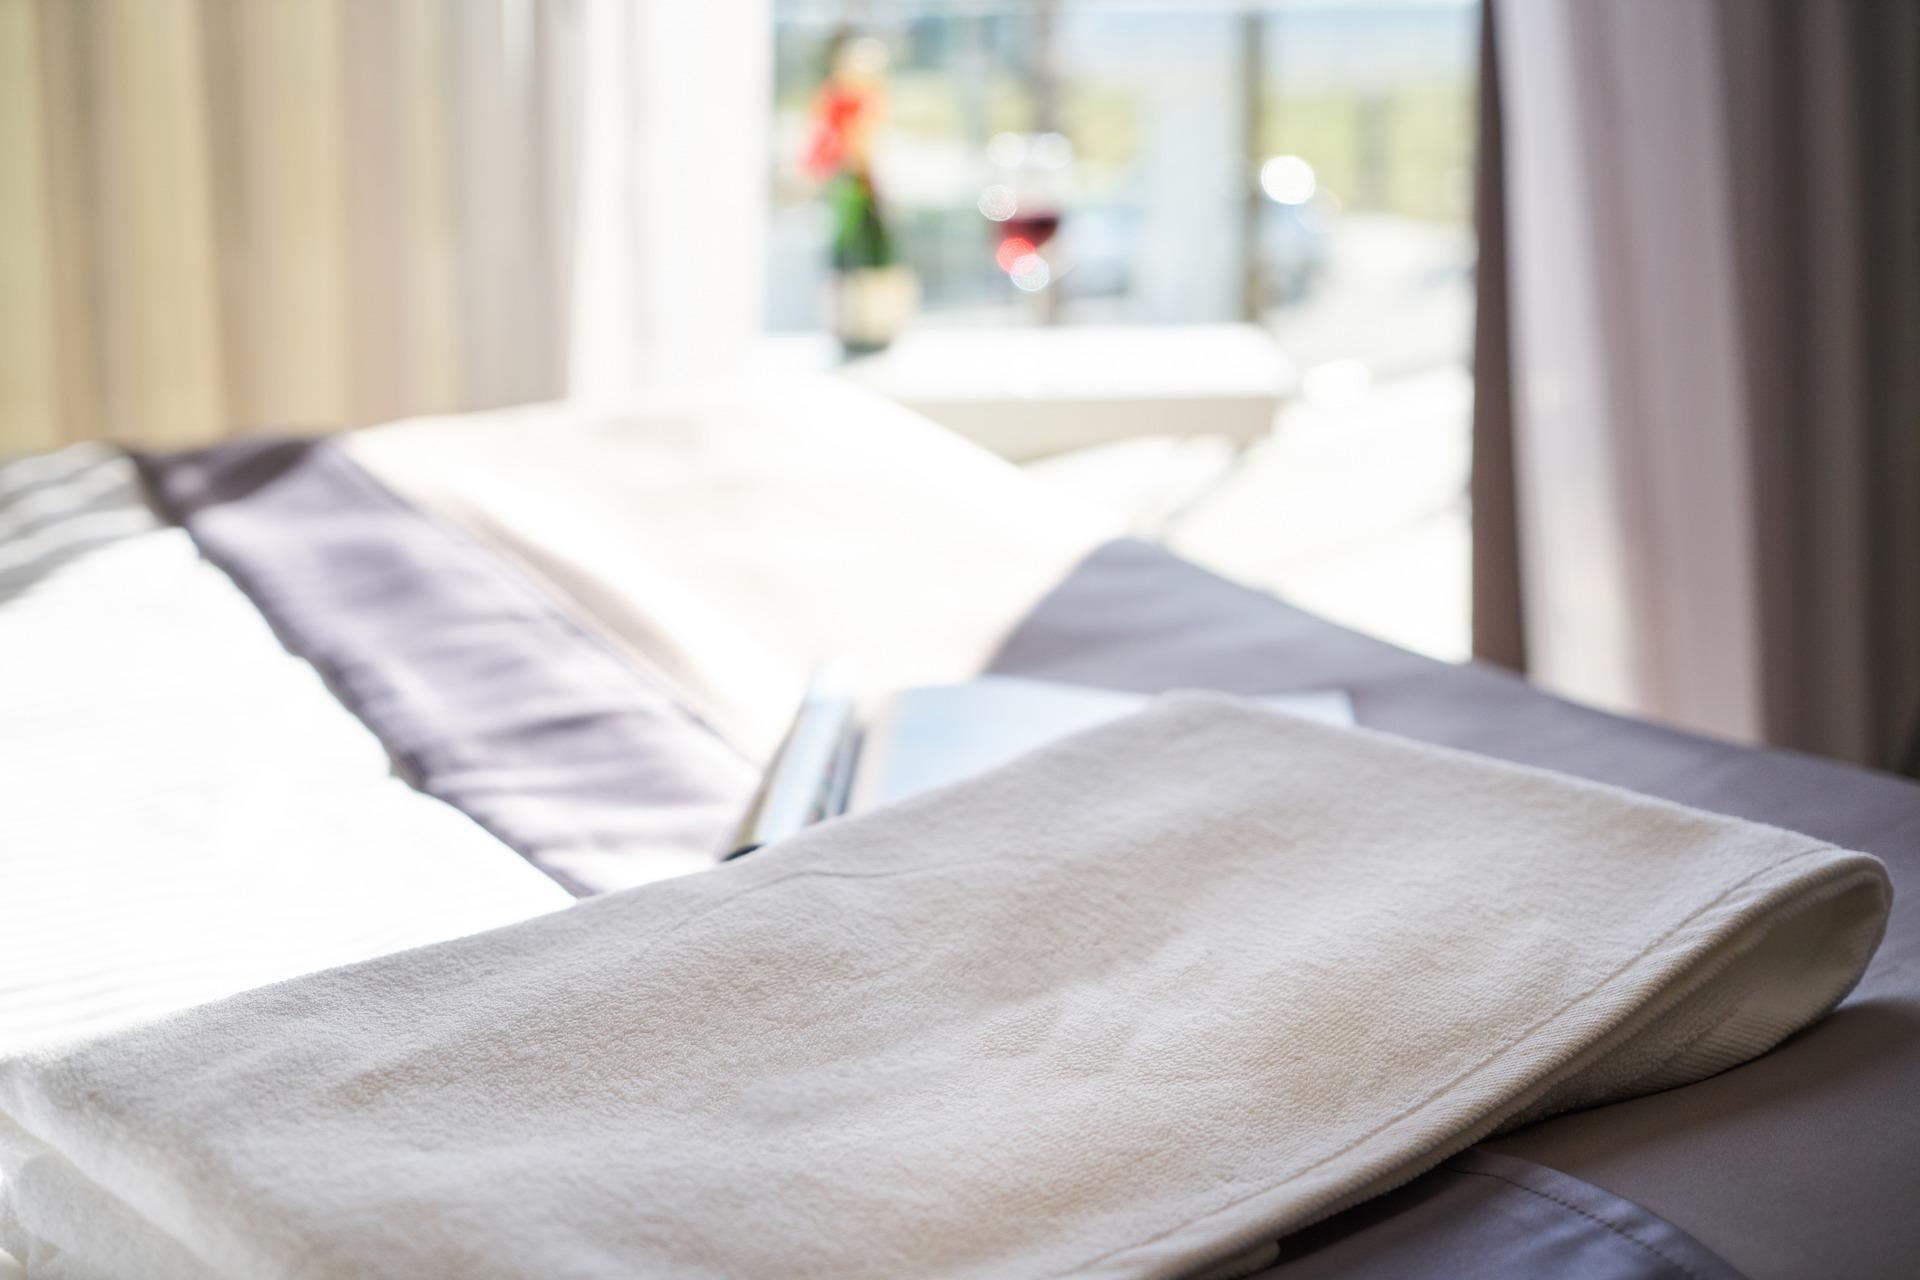 למה חשוב לשים לב כשבוחרים מיטת טיפולים לקליניקה?